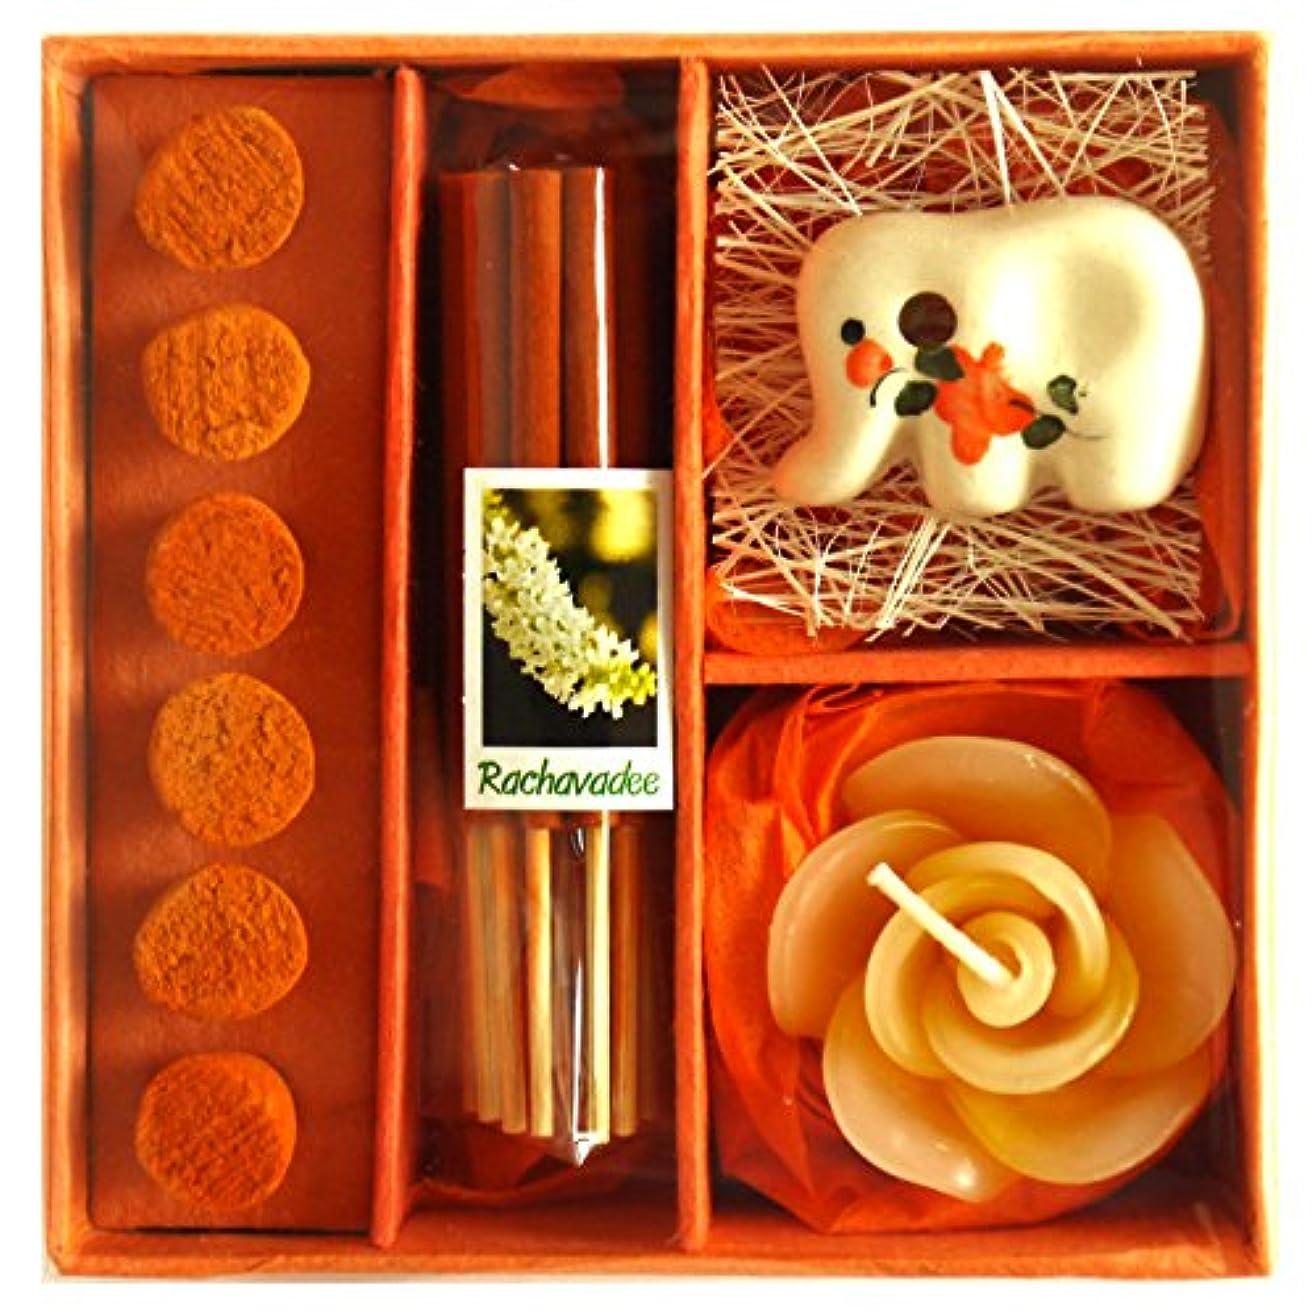 空洞教師の日眠るアロマギフトBOX 退職ギフト 色おまかせ 香りつきアロマキャンドル 2種類のお香 陶器製お香立ての入ったギフトセット サンキューシール付き